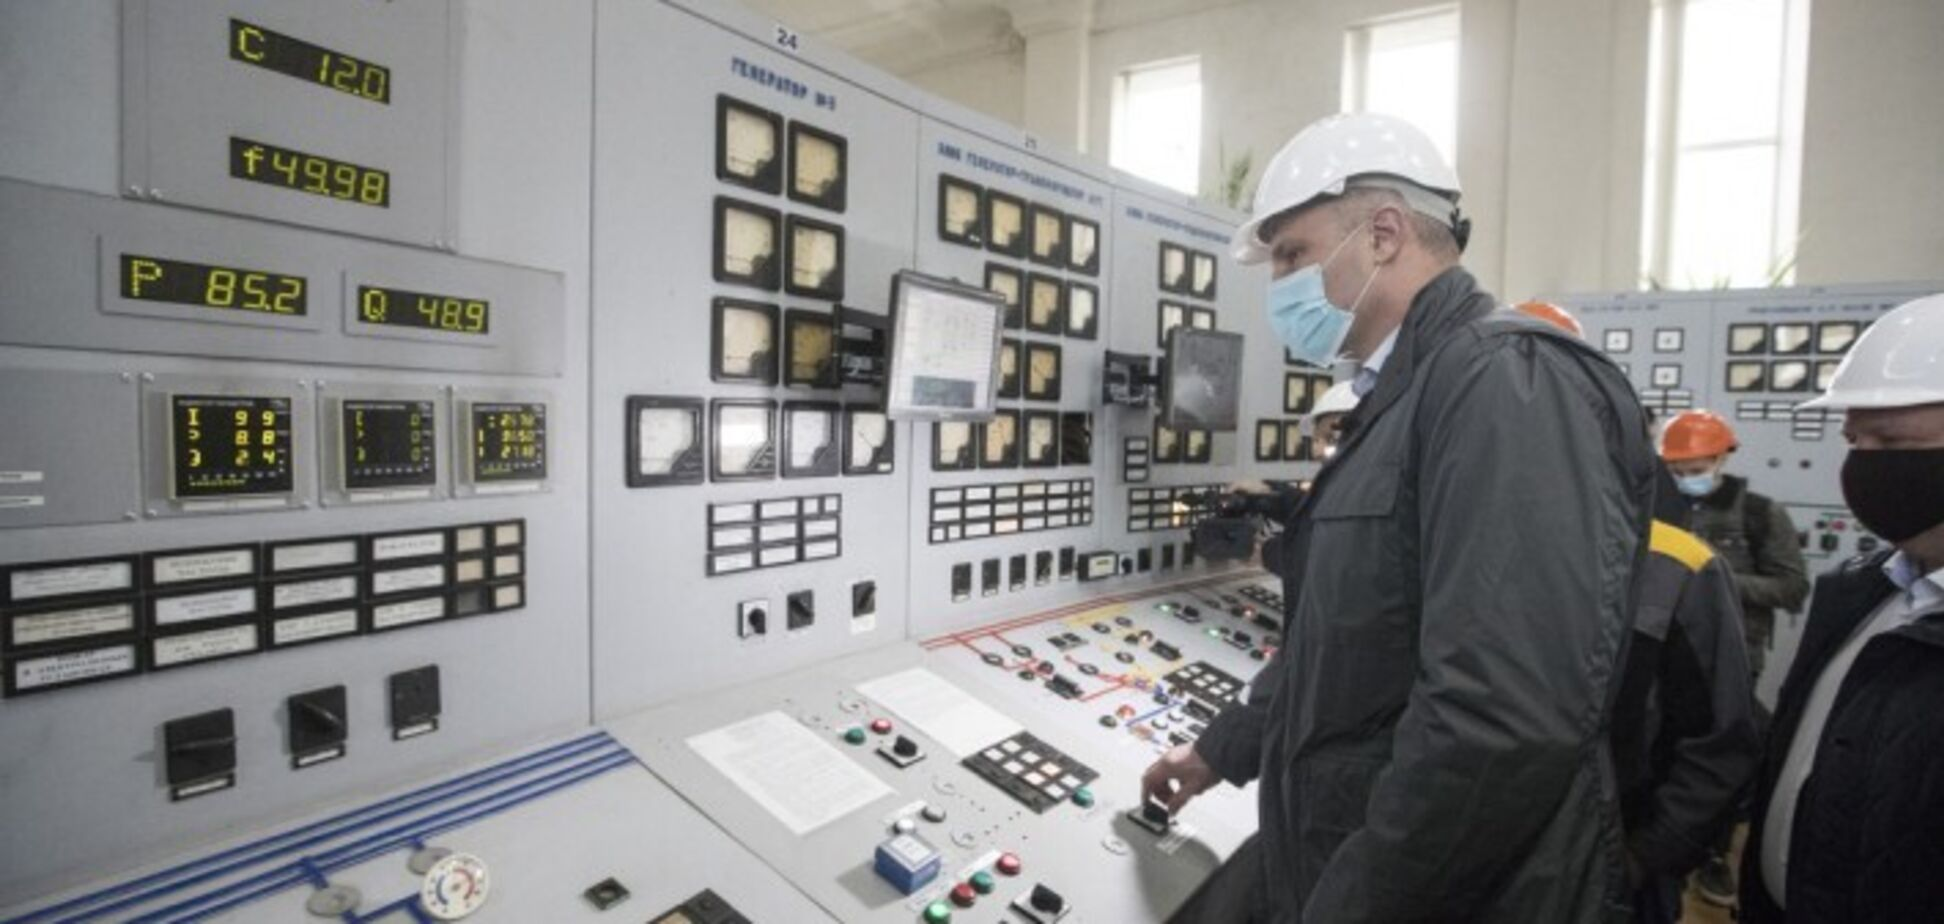 Кличко рассказал, что сделали местные власти для улучшения экологии в Киеве